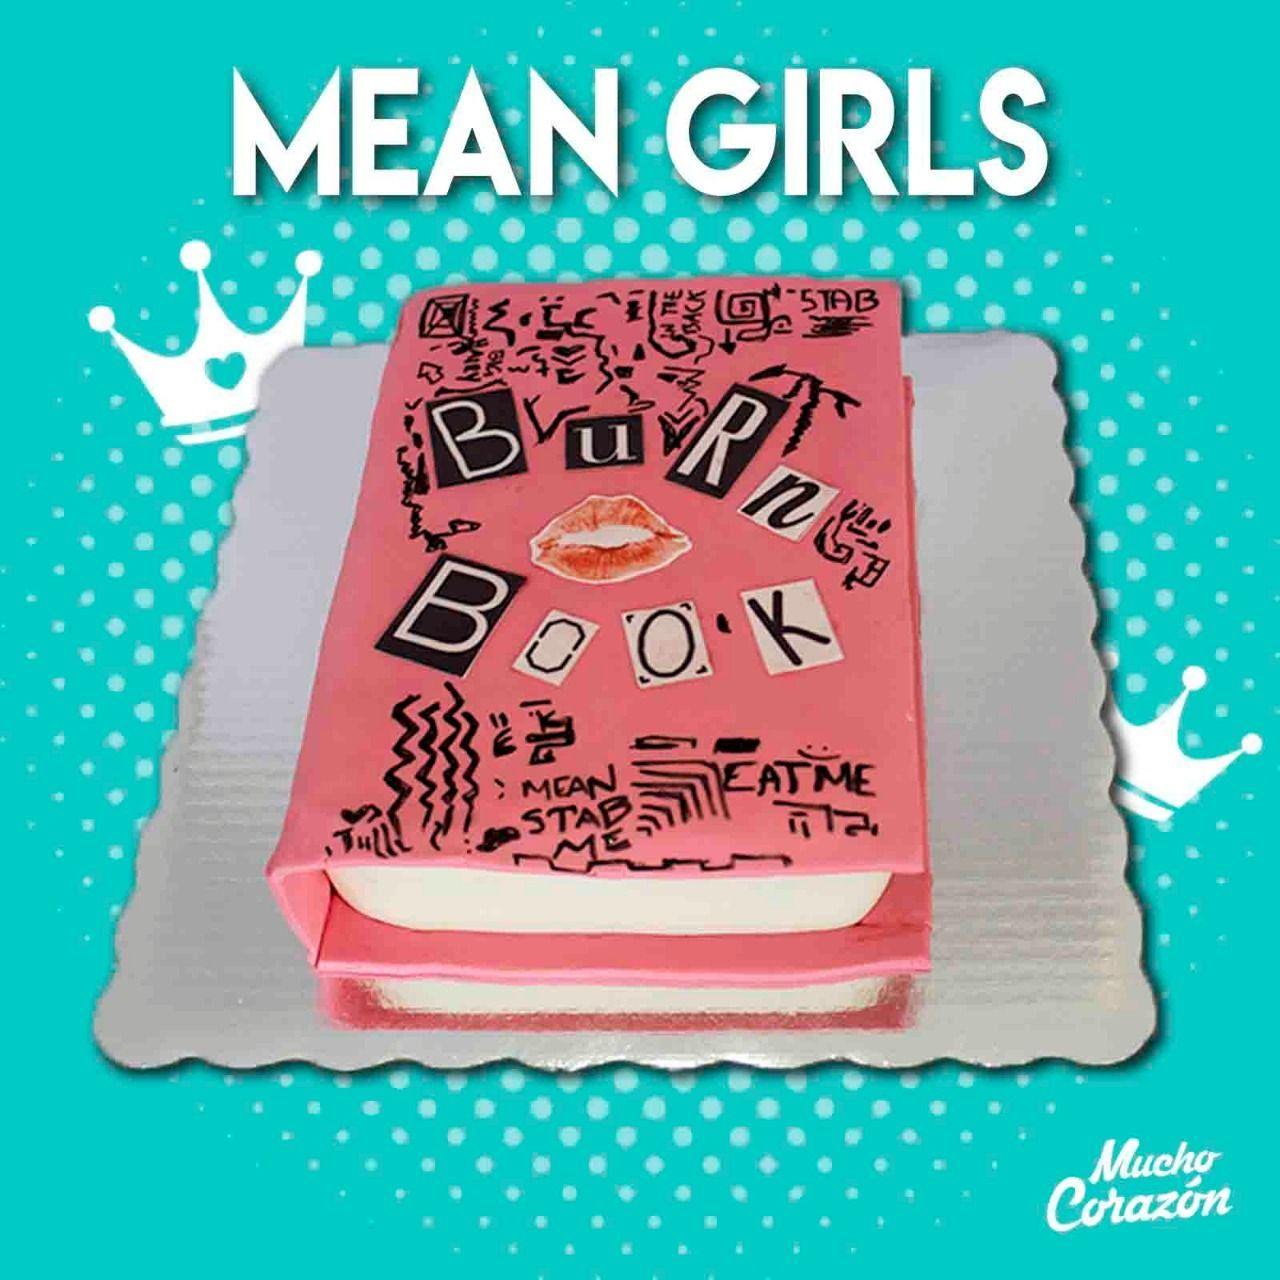 Libro Del Mal Chicas Pesadas Libro Del Mal Chicas Pesadas Pasteles Personalizados Reposteria Artesanal Pasteles Originales